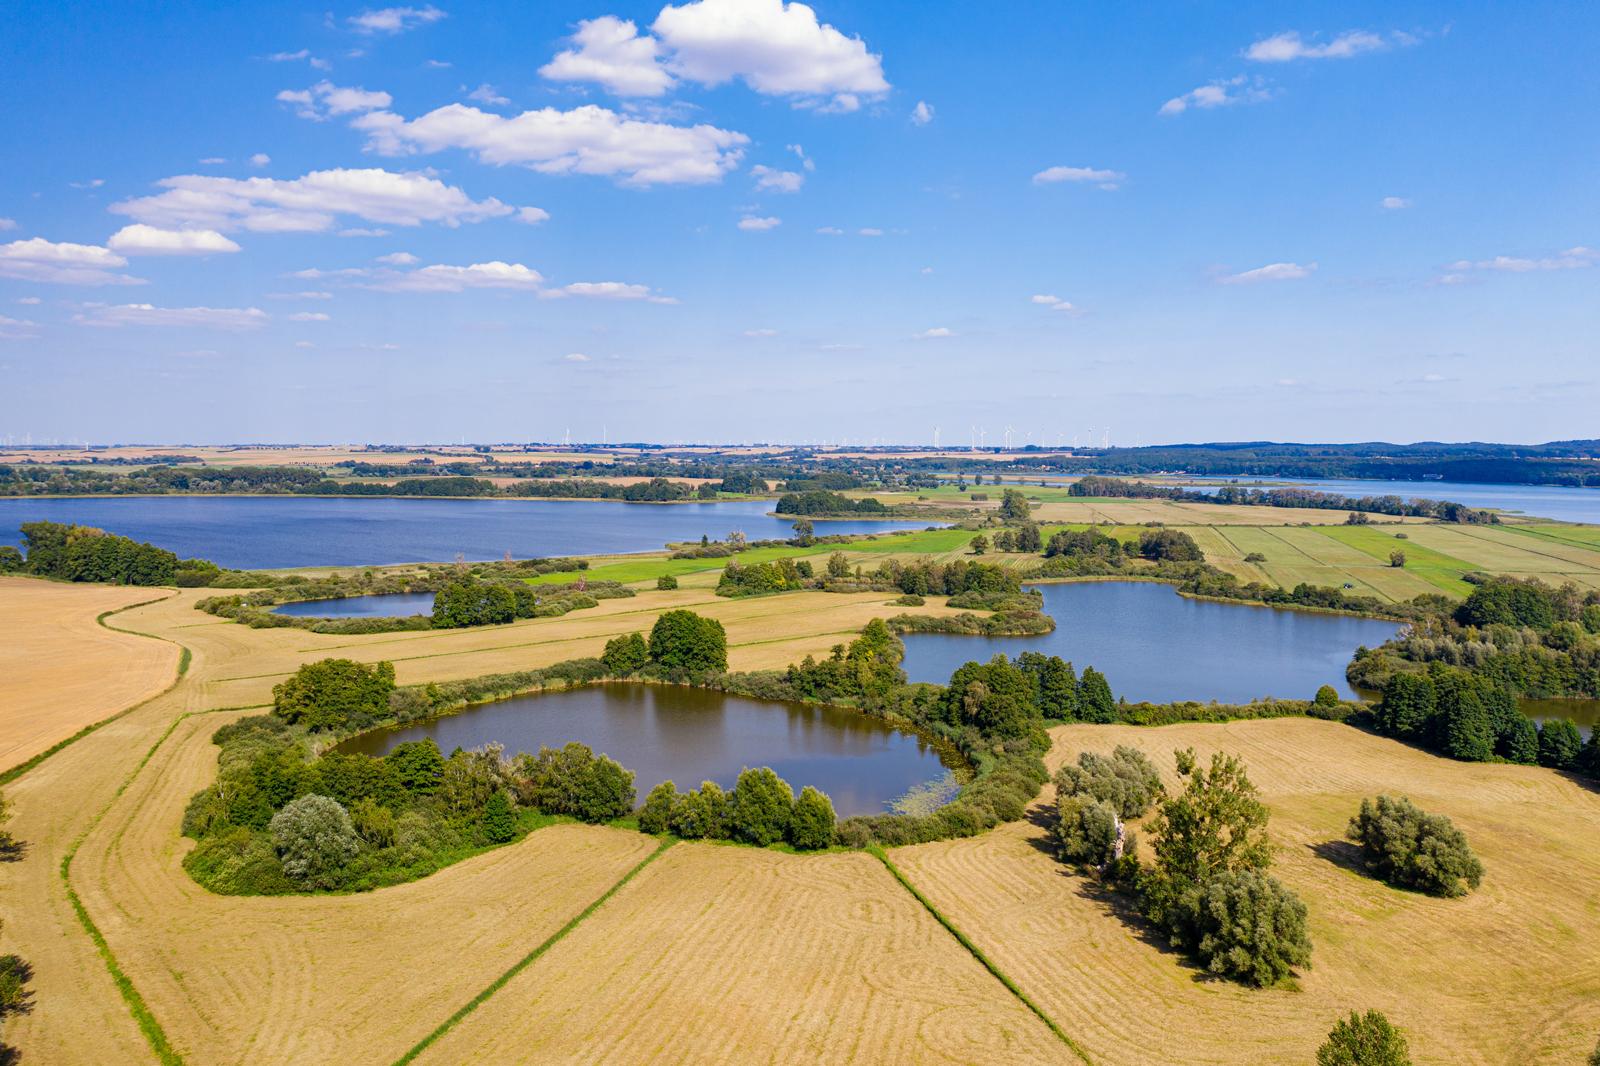 Aussicht auf den Uckersee und die Landschaft der Uckermark-Foto: Tilo Grellmann, adobe.stock